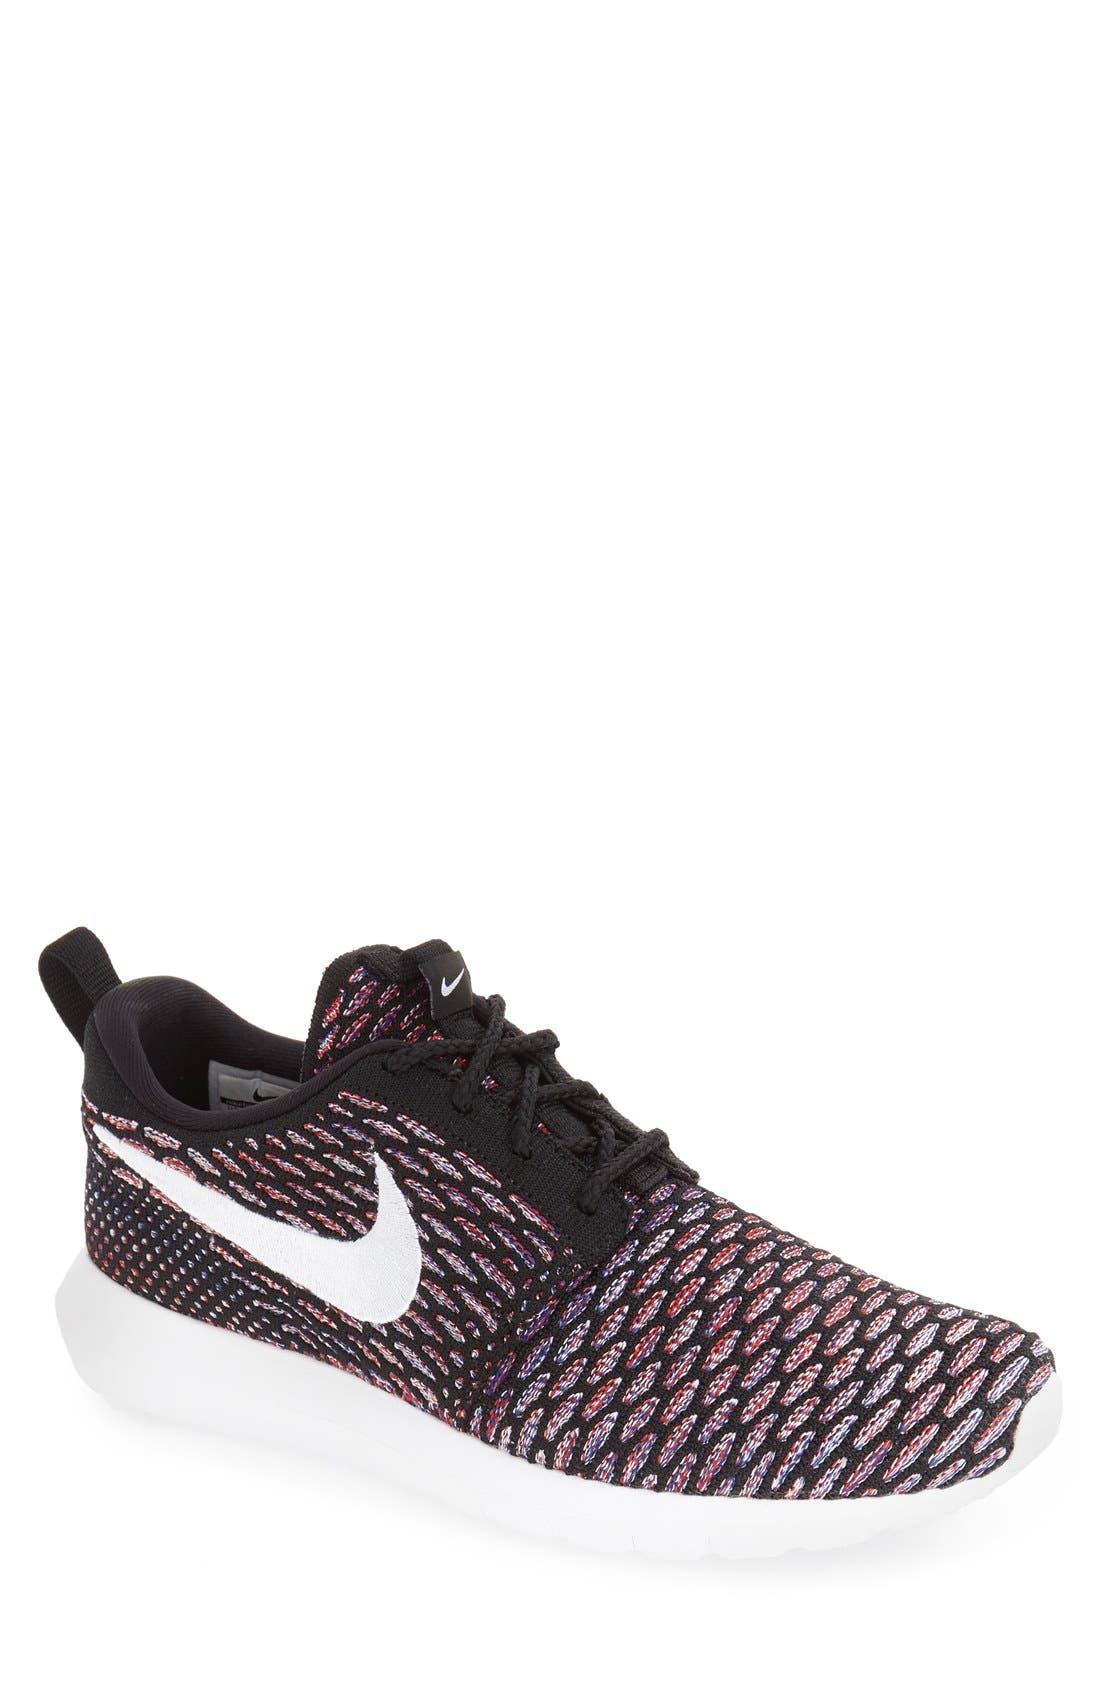 Main Image - Nike Flyknit 'Roshe Run' Sneaker (Men)